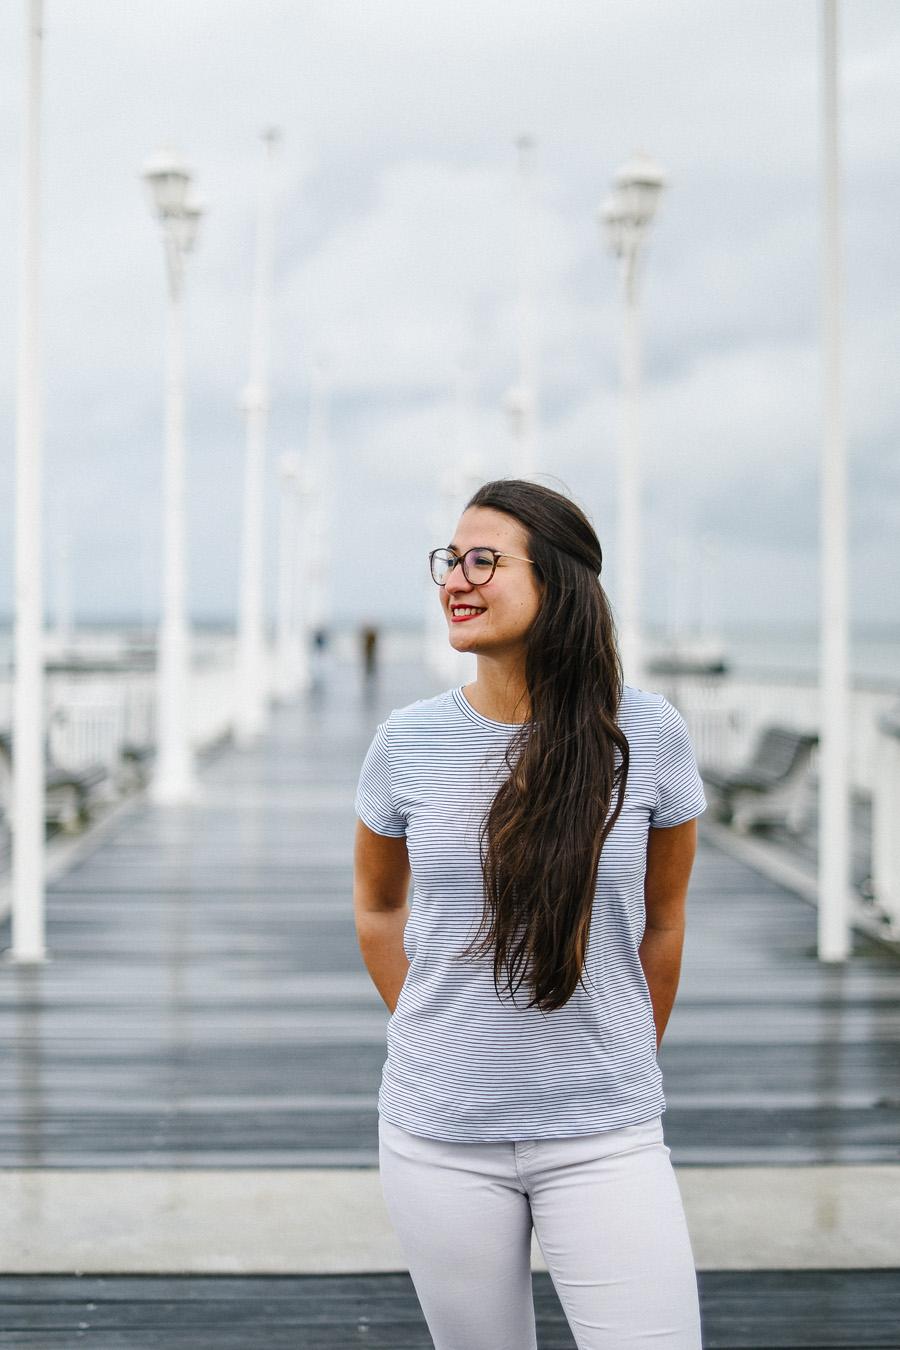 portrait de femme sur un pont au bord de la mer